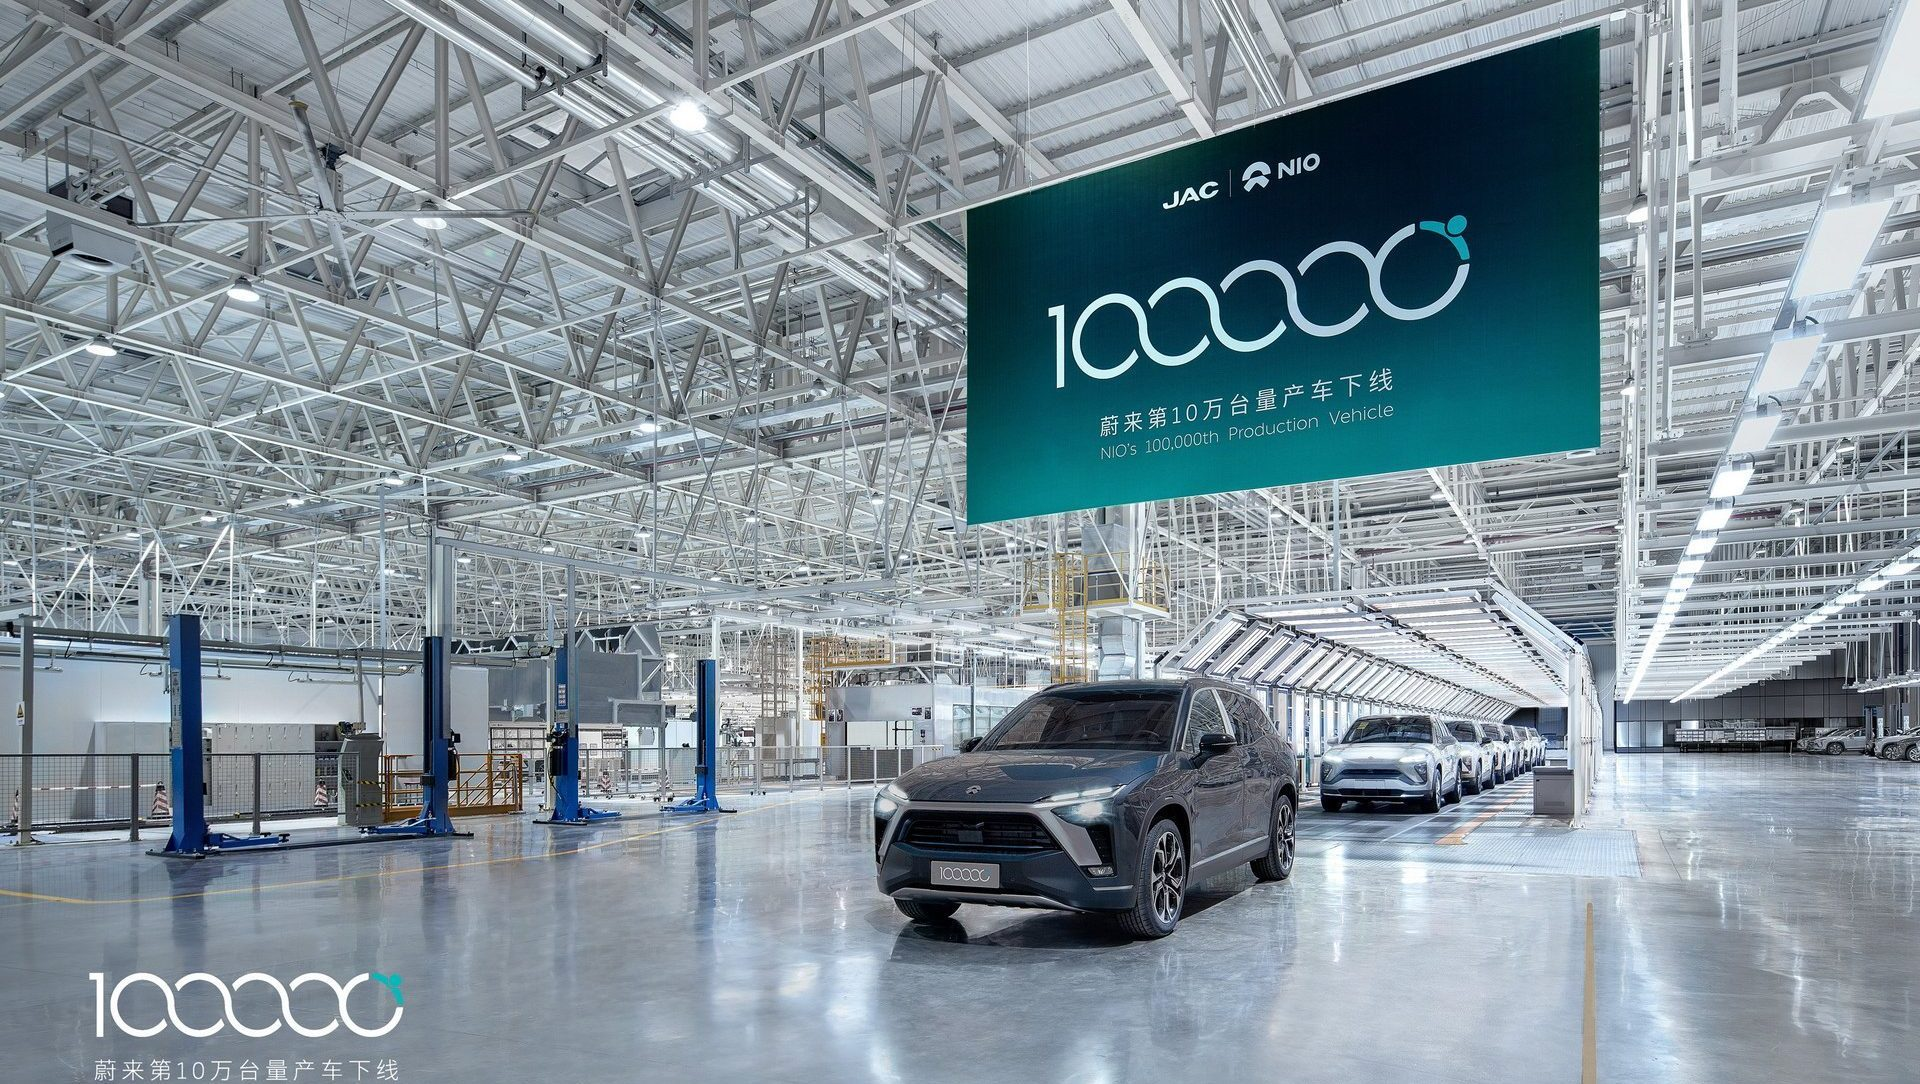 نيو تنتج السيارة رقم 100.000 من ES8 الكهربائية متعددة الاستخدامات